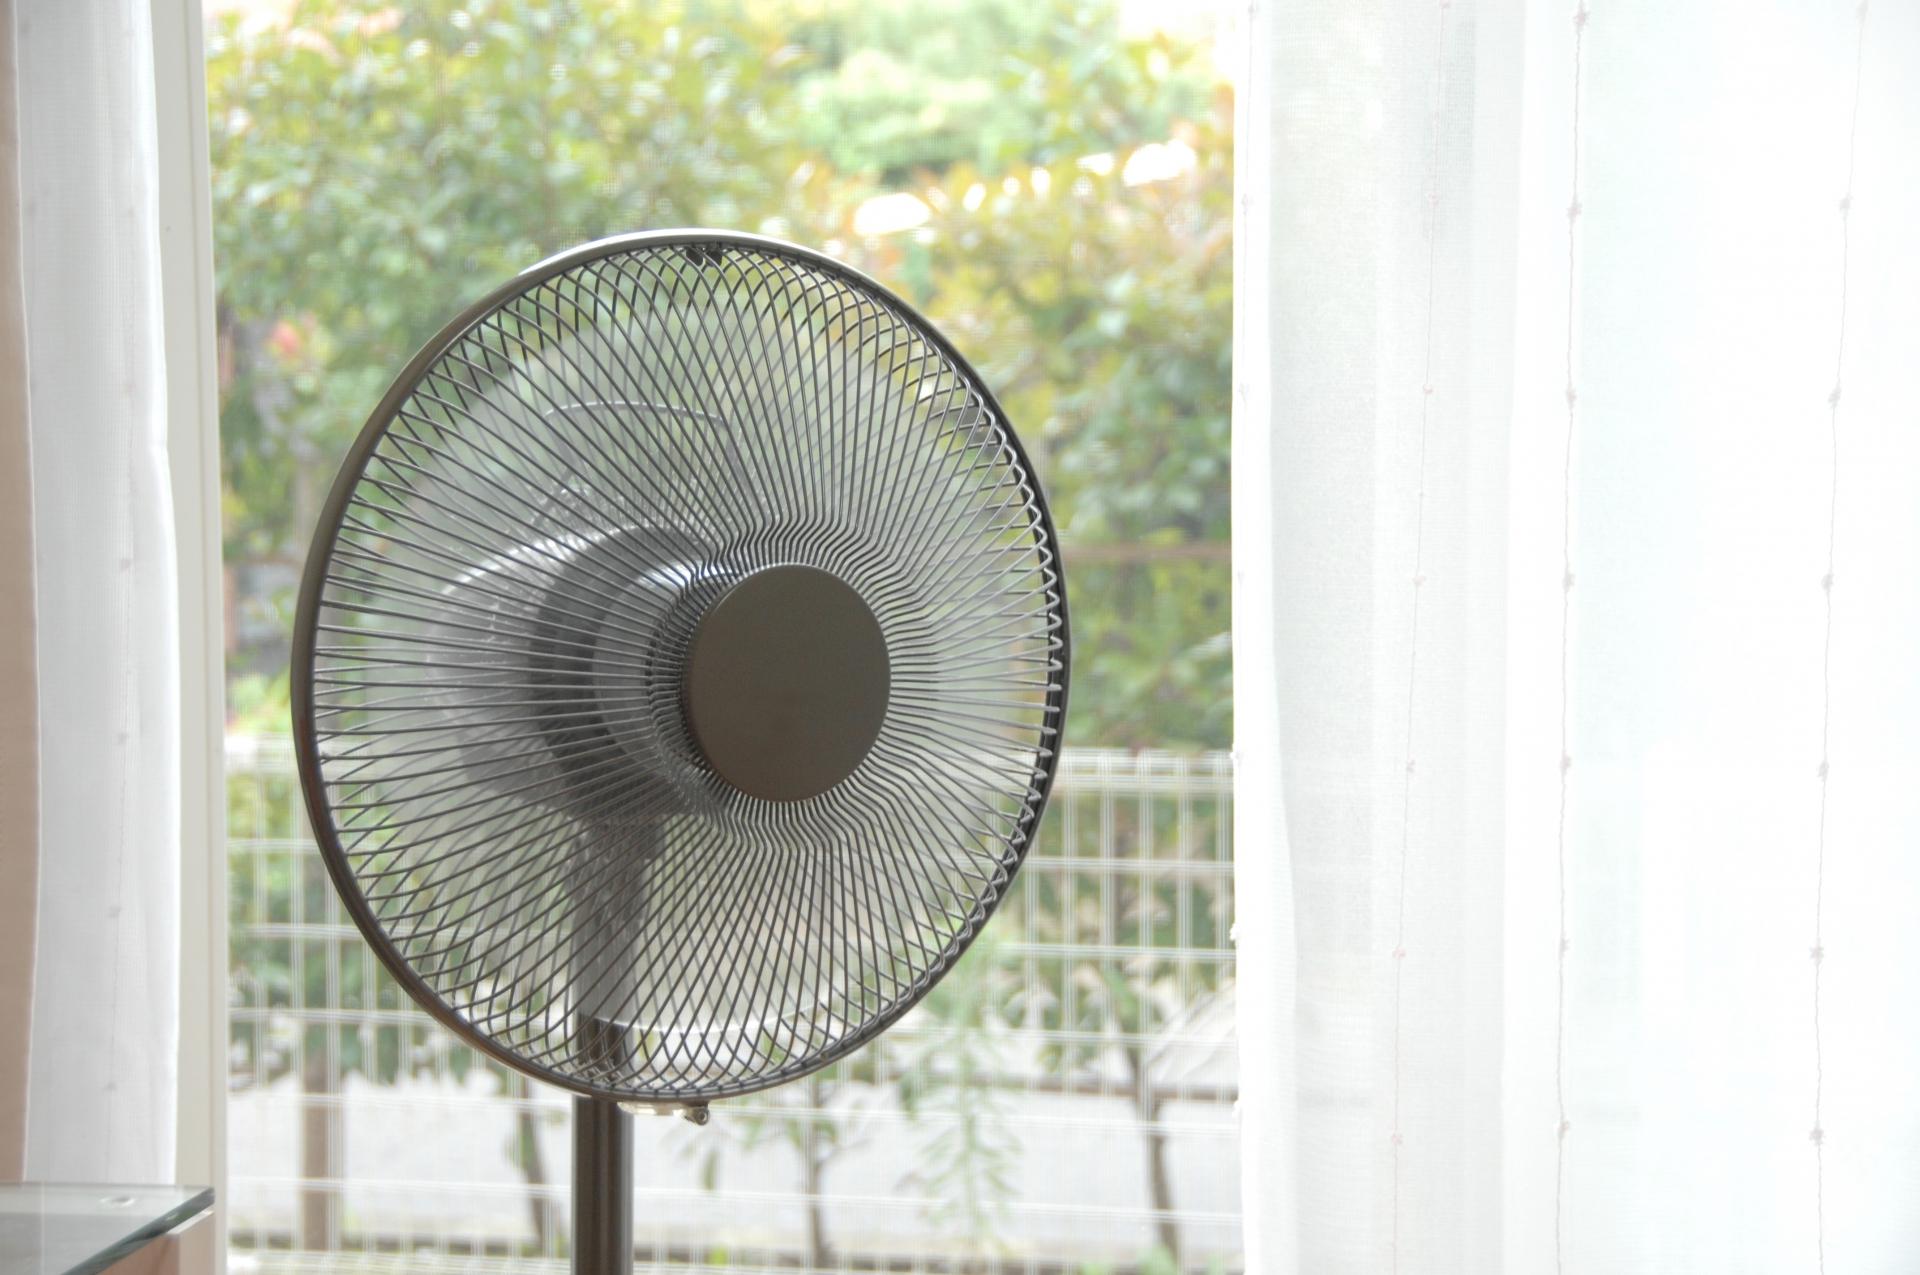 リビング用扇風機のおすすめ5選&選び方【激安でおしゃれな商品も】